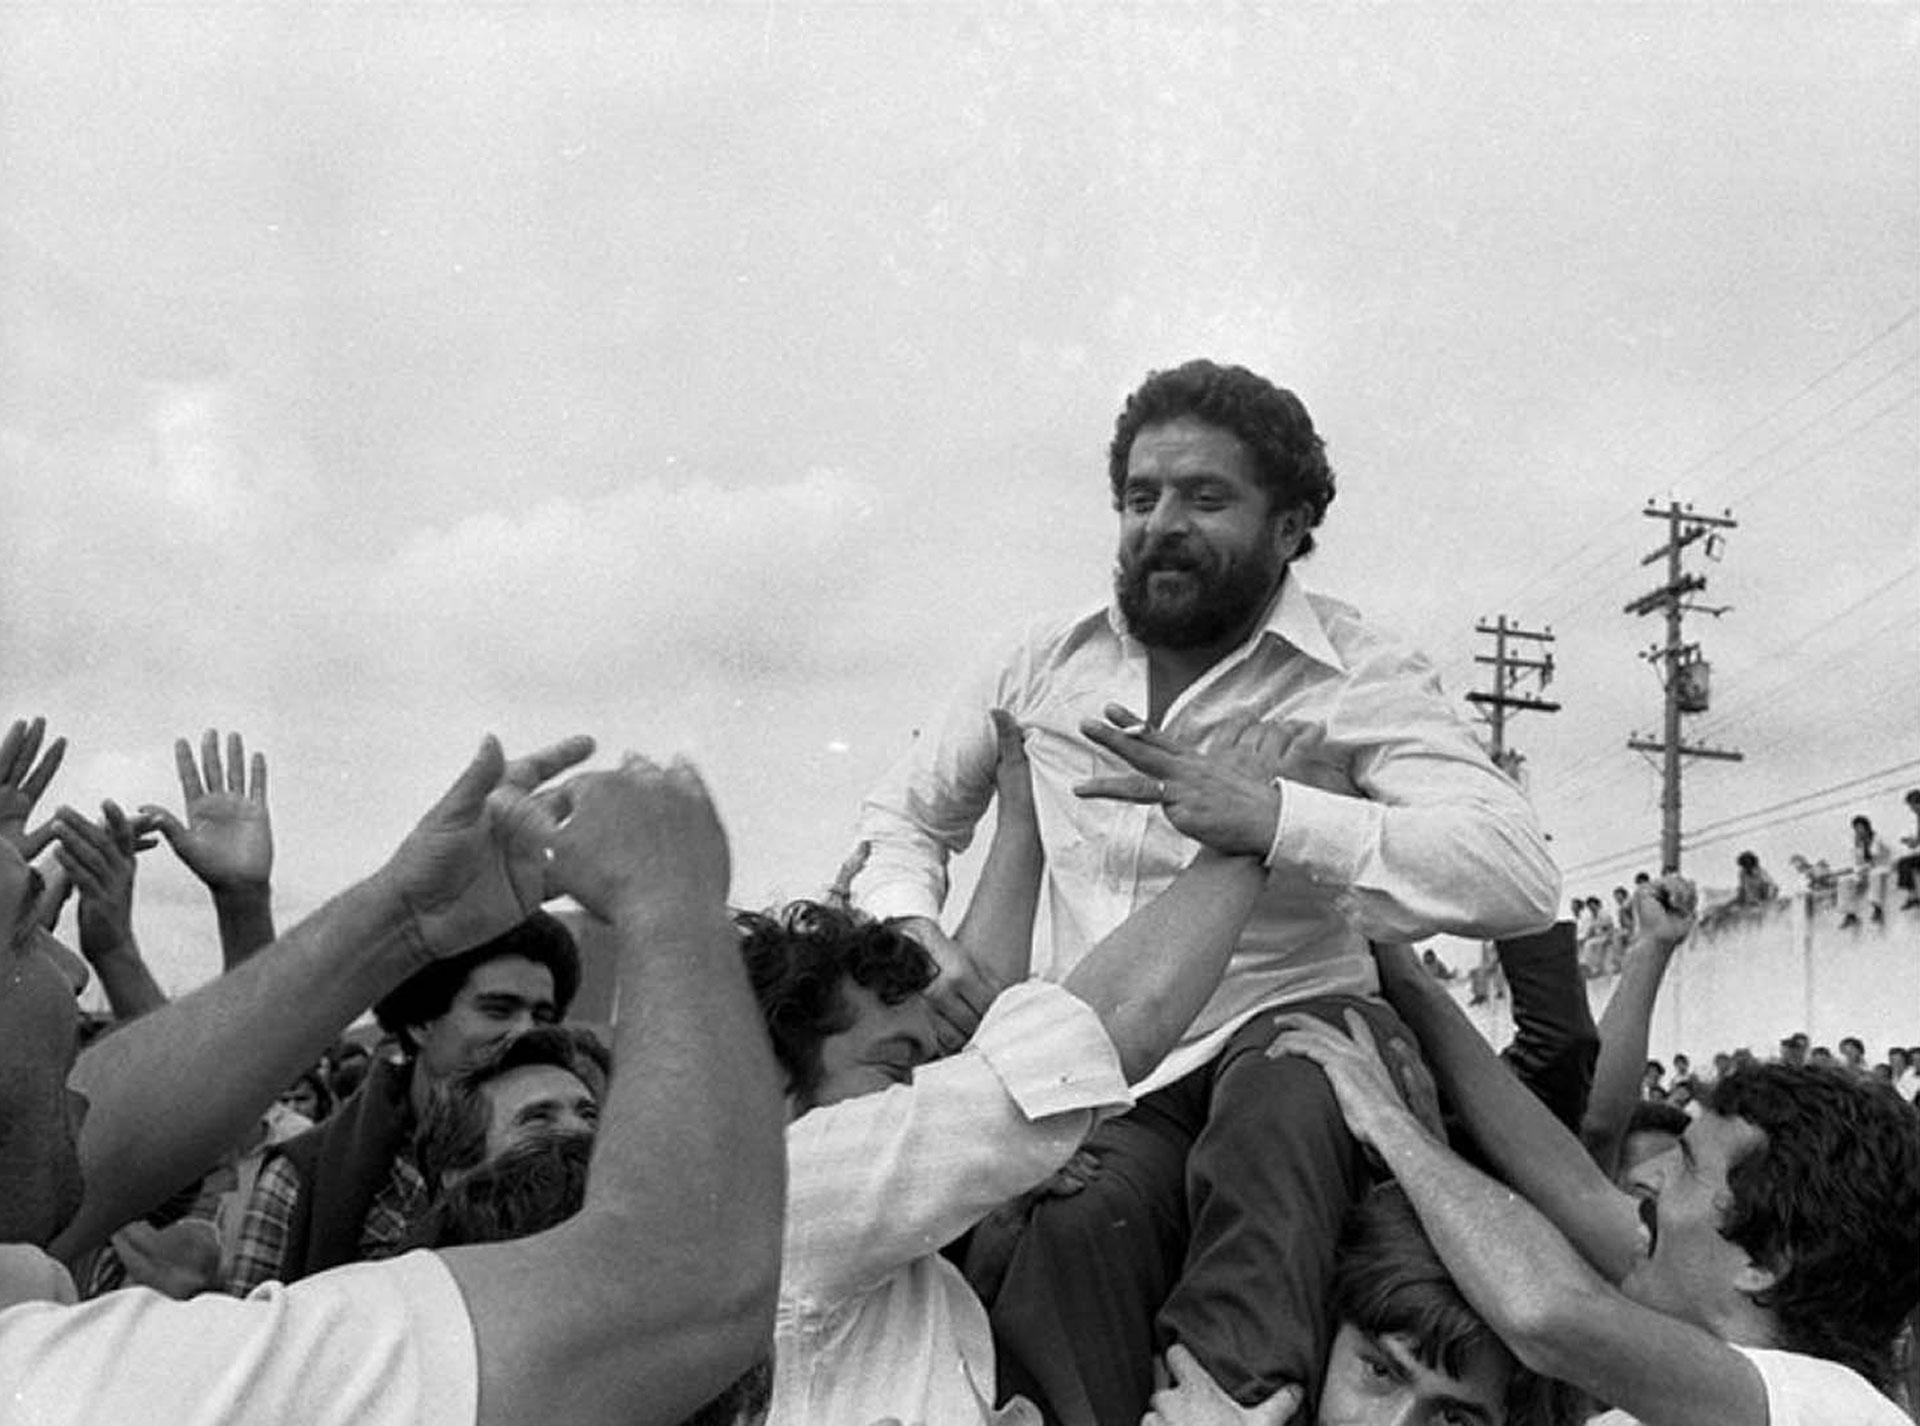 Tras la caída del régimen militar, el Partido de los Trabajadores (PT), fundado por Lula, fue el bloque de izquierda que más votos obtuvo en las elecciones de 1986